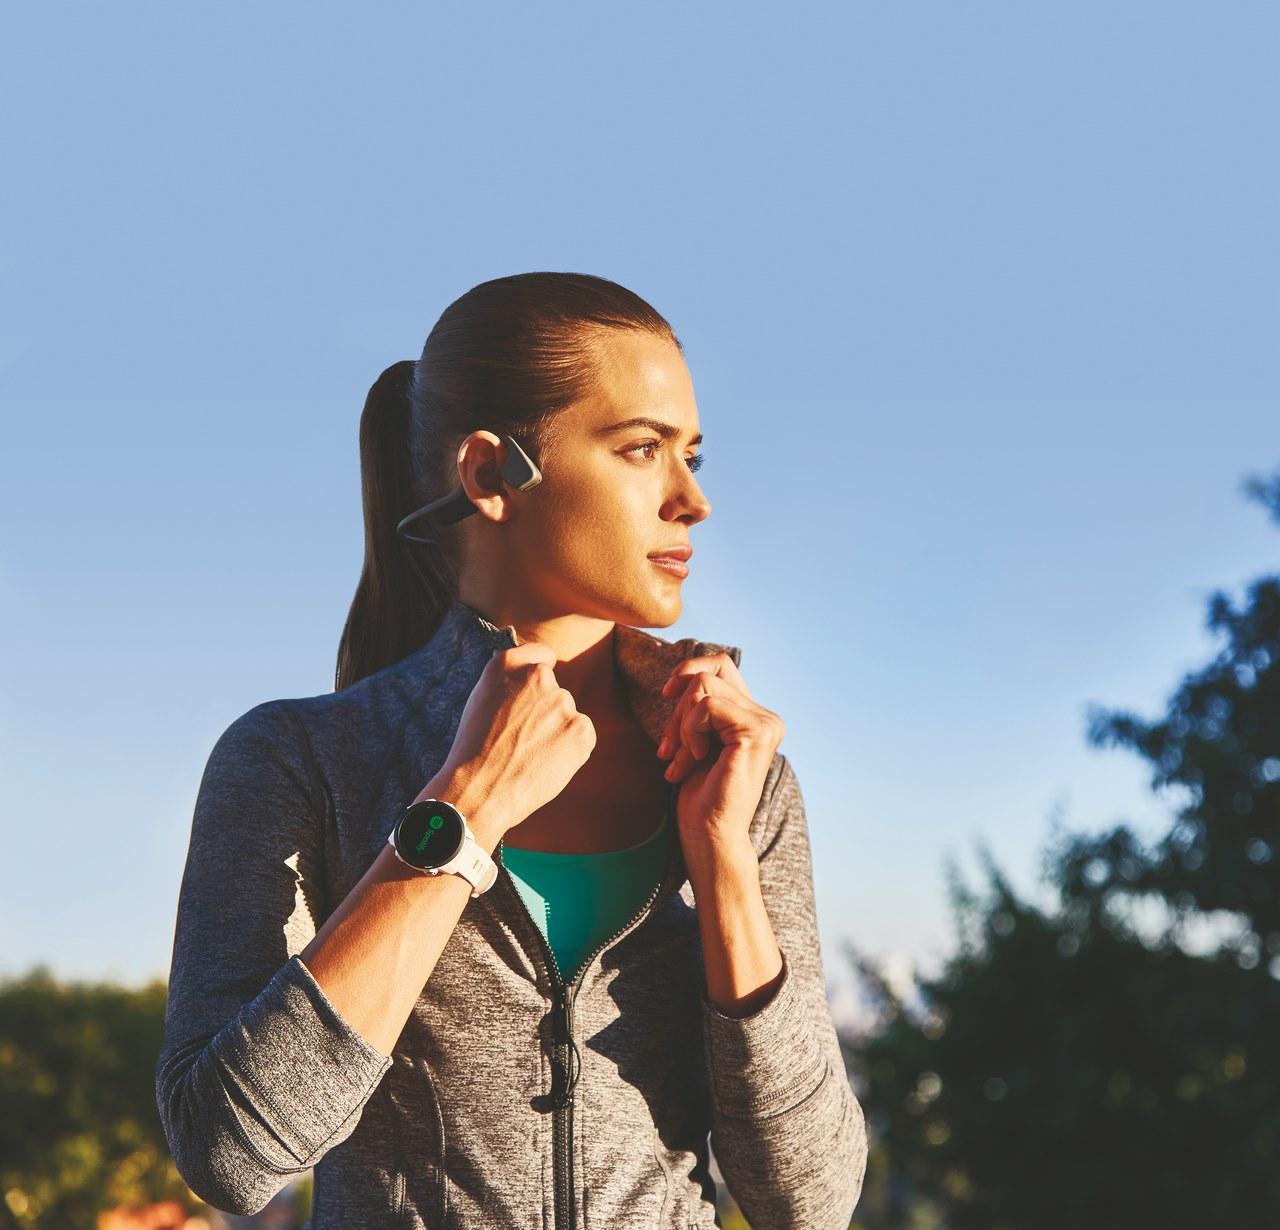 Garmin ra mắt bộ đôi Forerunner 245 tại VN: bổ sung tính năng nghe nhạc, tự động cảnh báo khi nào cơ thể đã